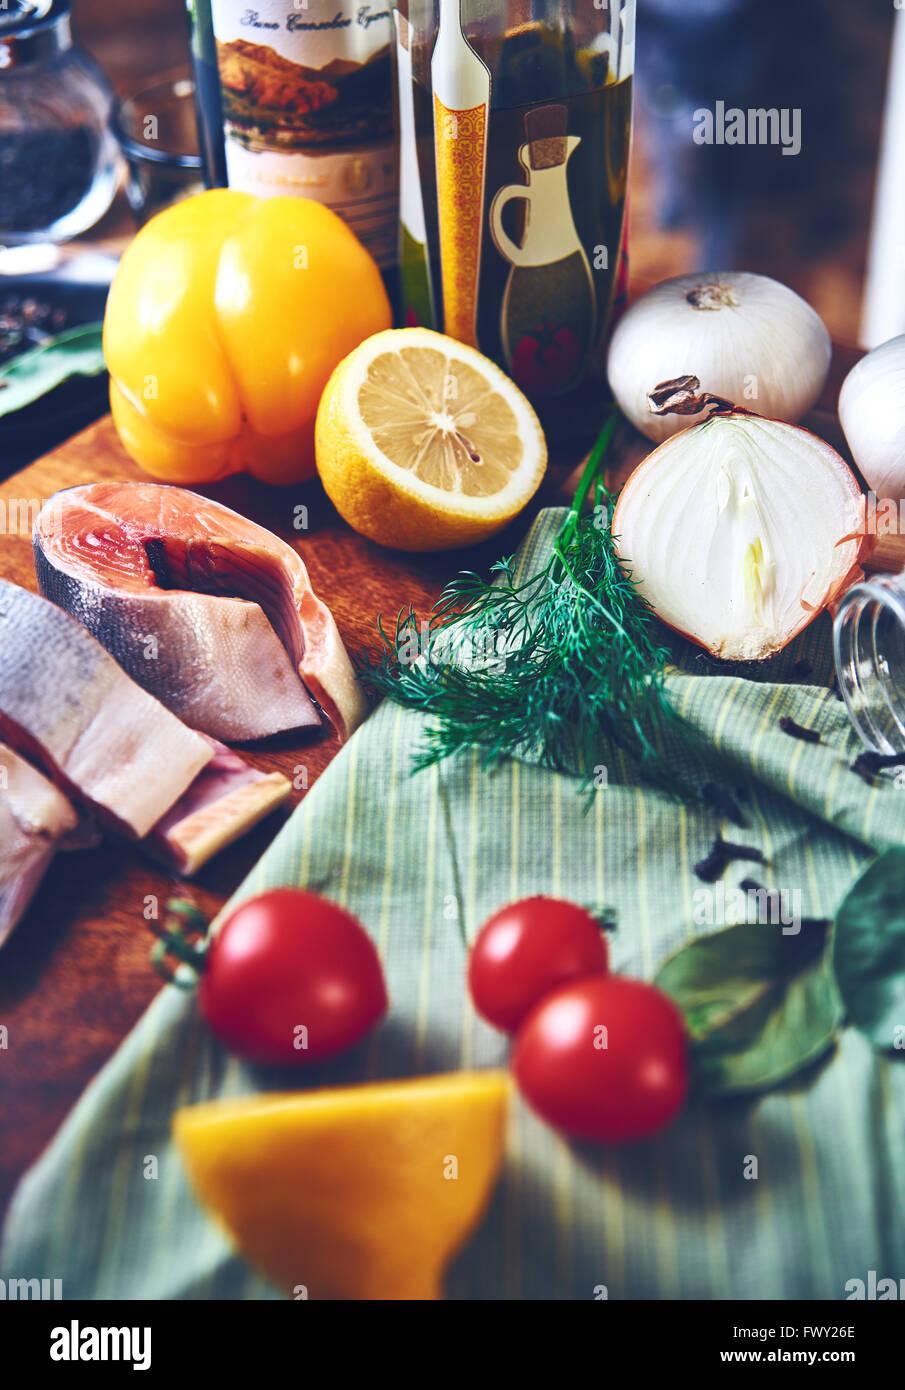 Still fish vegetables - Stock Image